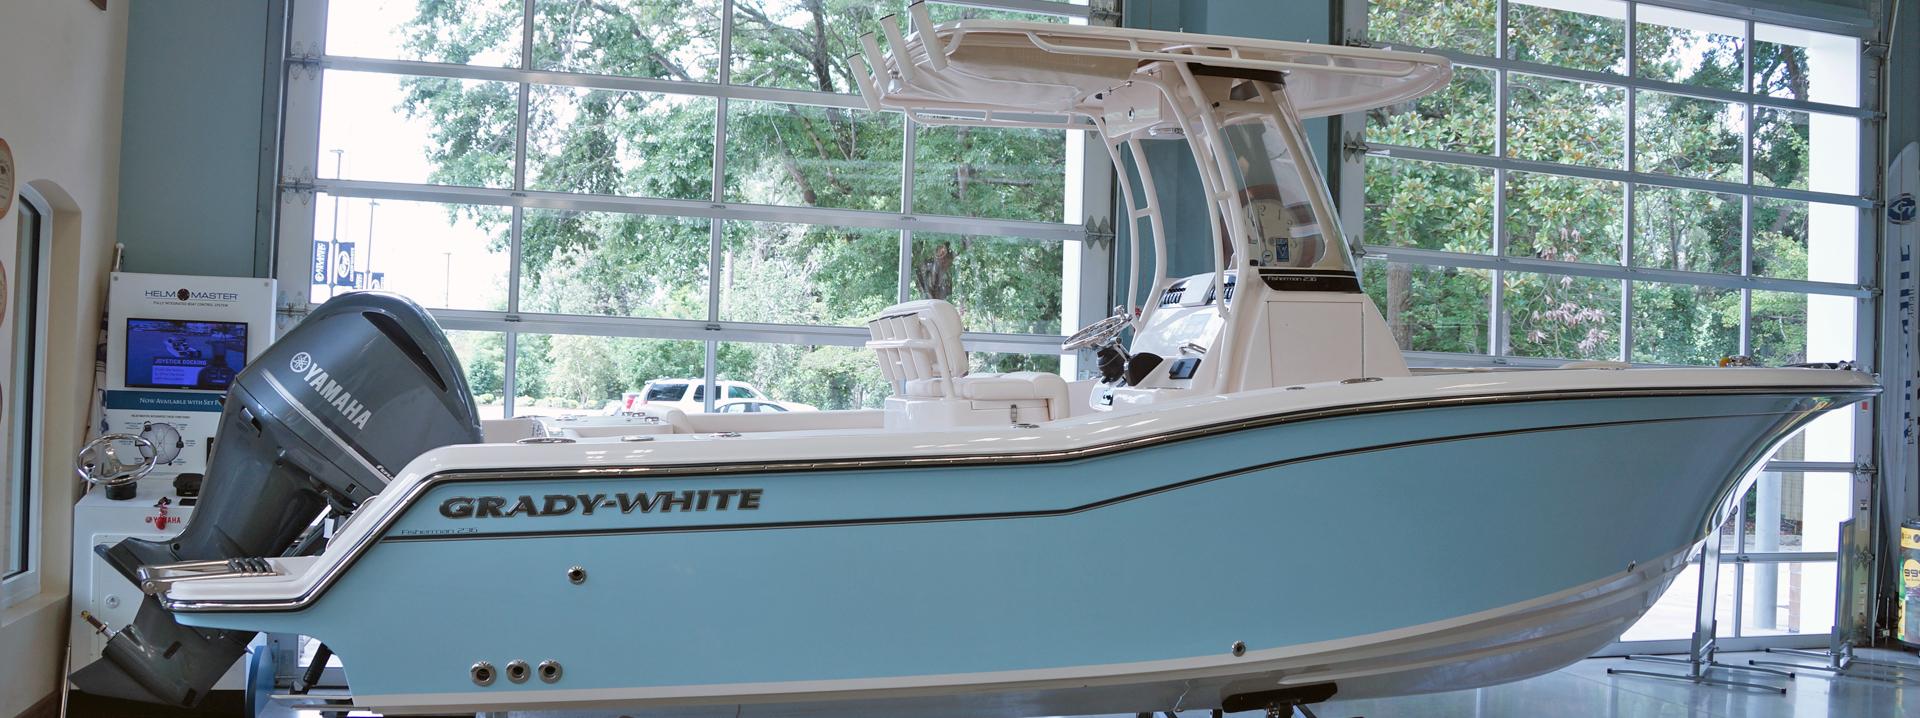 2020 Grady-White 236 Fisherman -